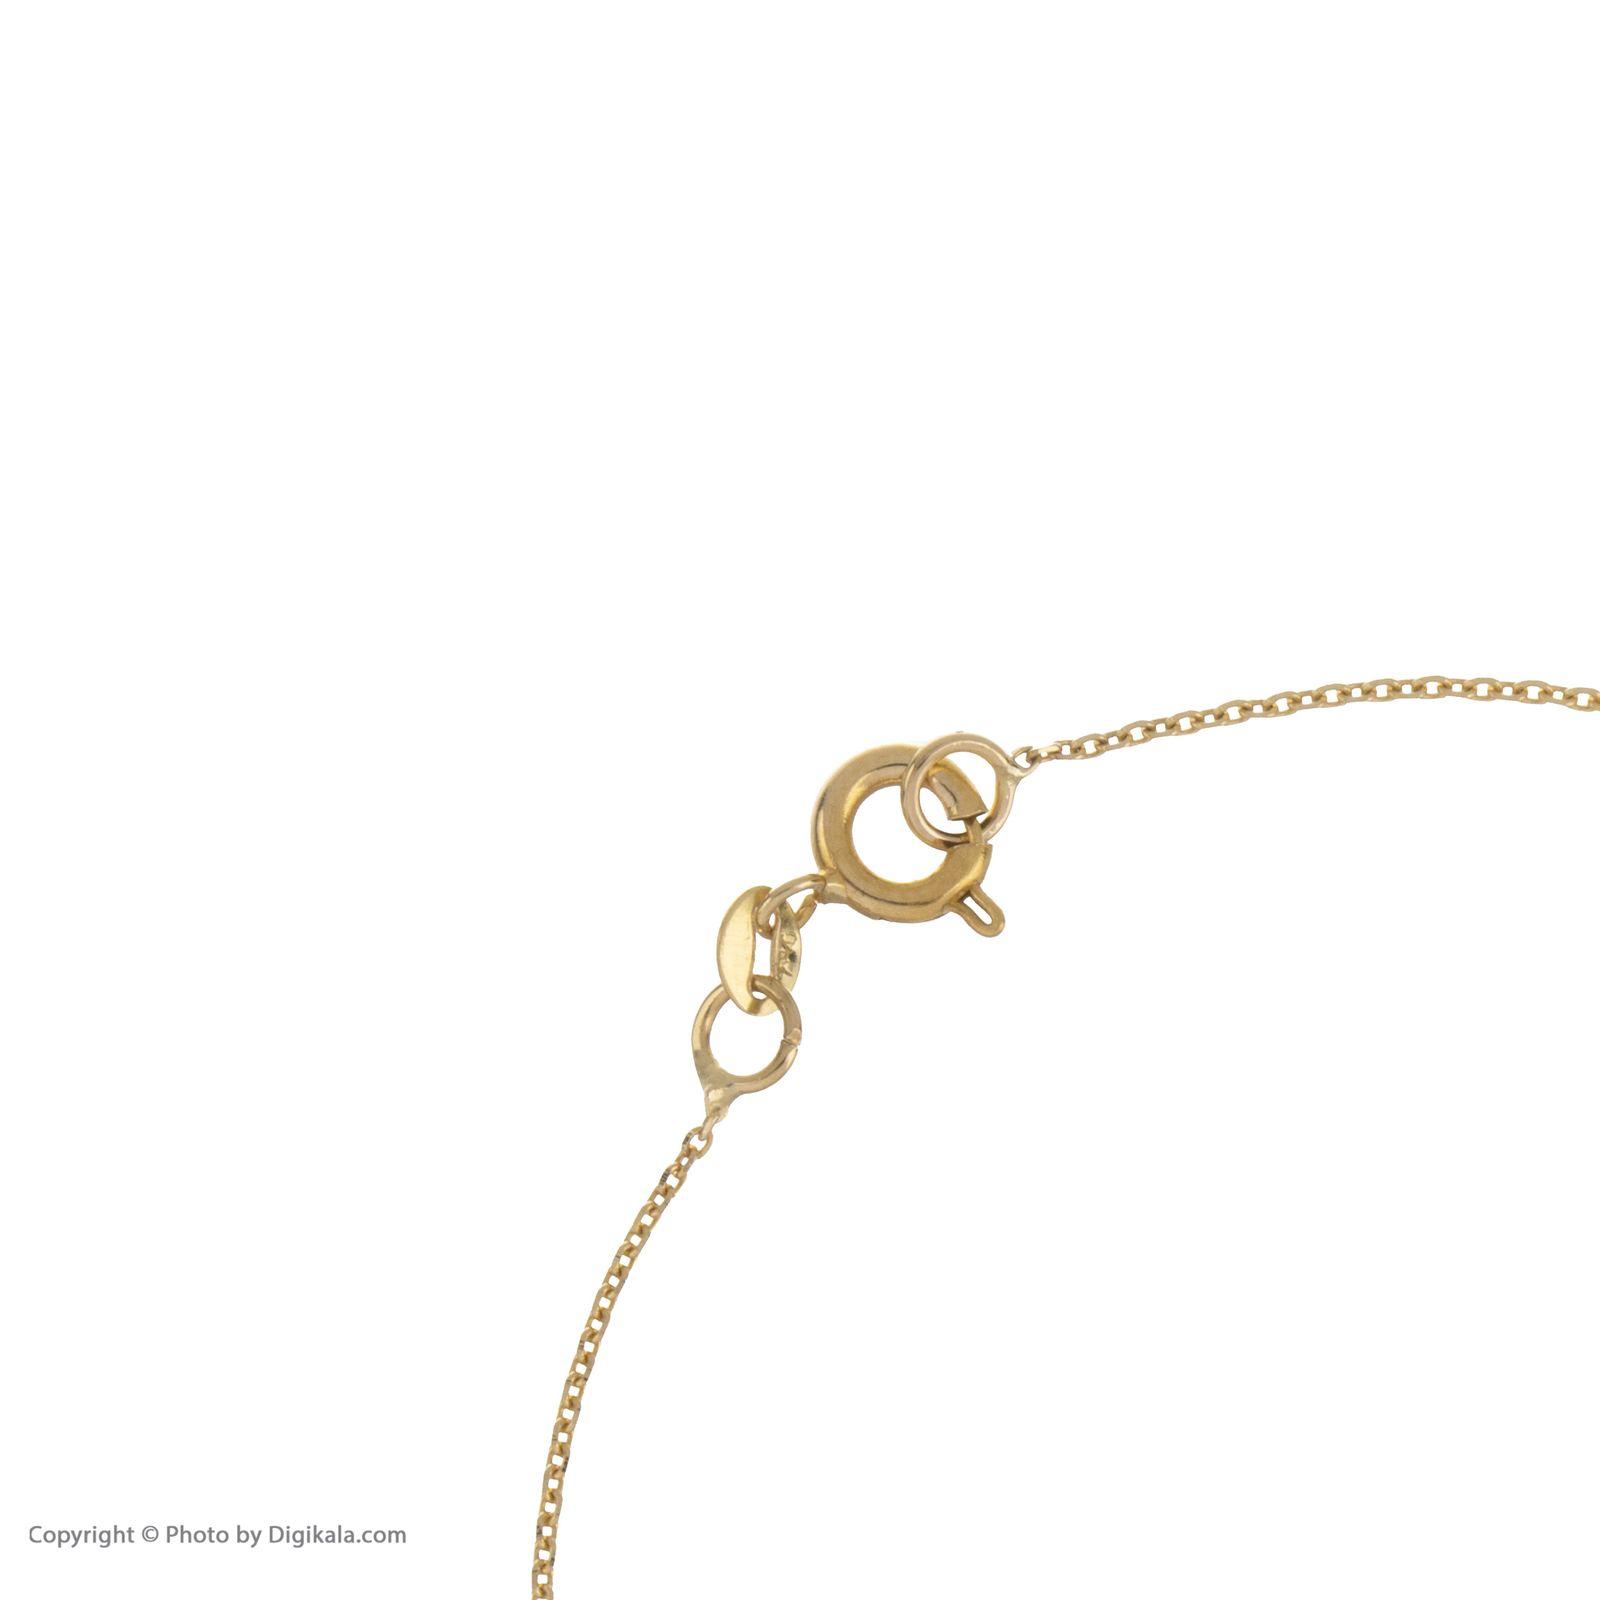 دستبند طلا 18 عیار زنانه مایا ماهک مدل ZMB1051 -  - 5